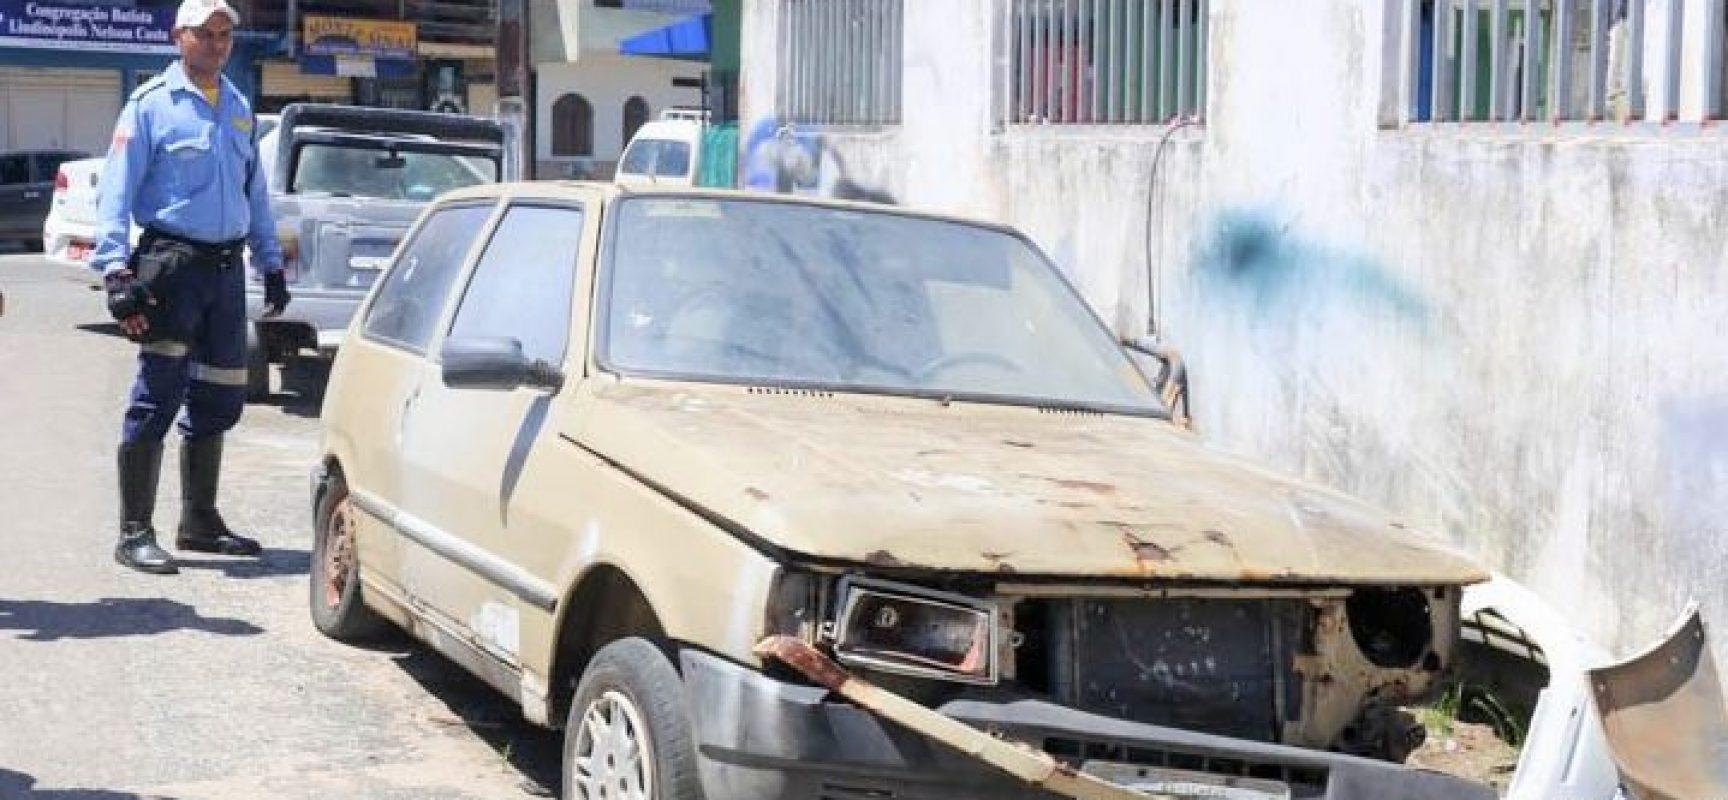 Prefeitura vai remover carros abandonados nas ruas de Ilhéus